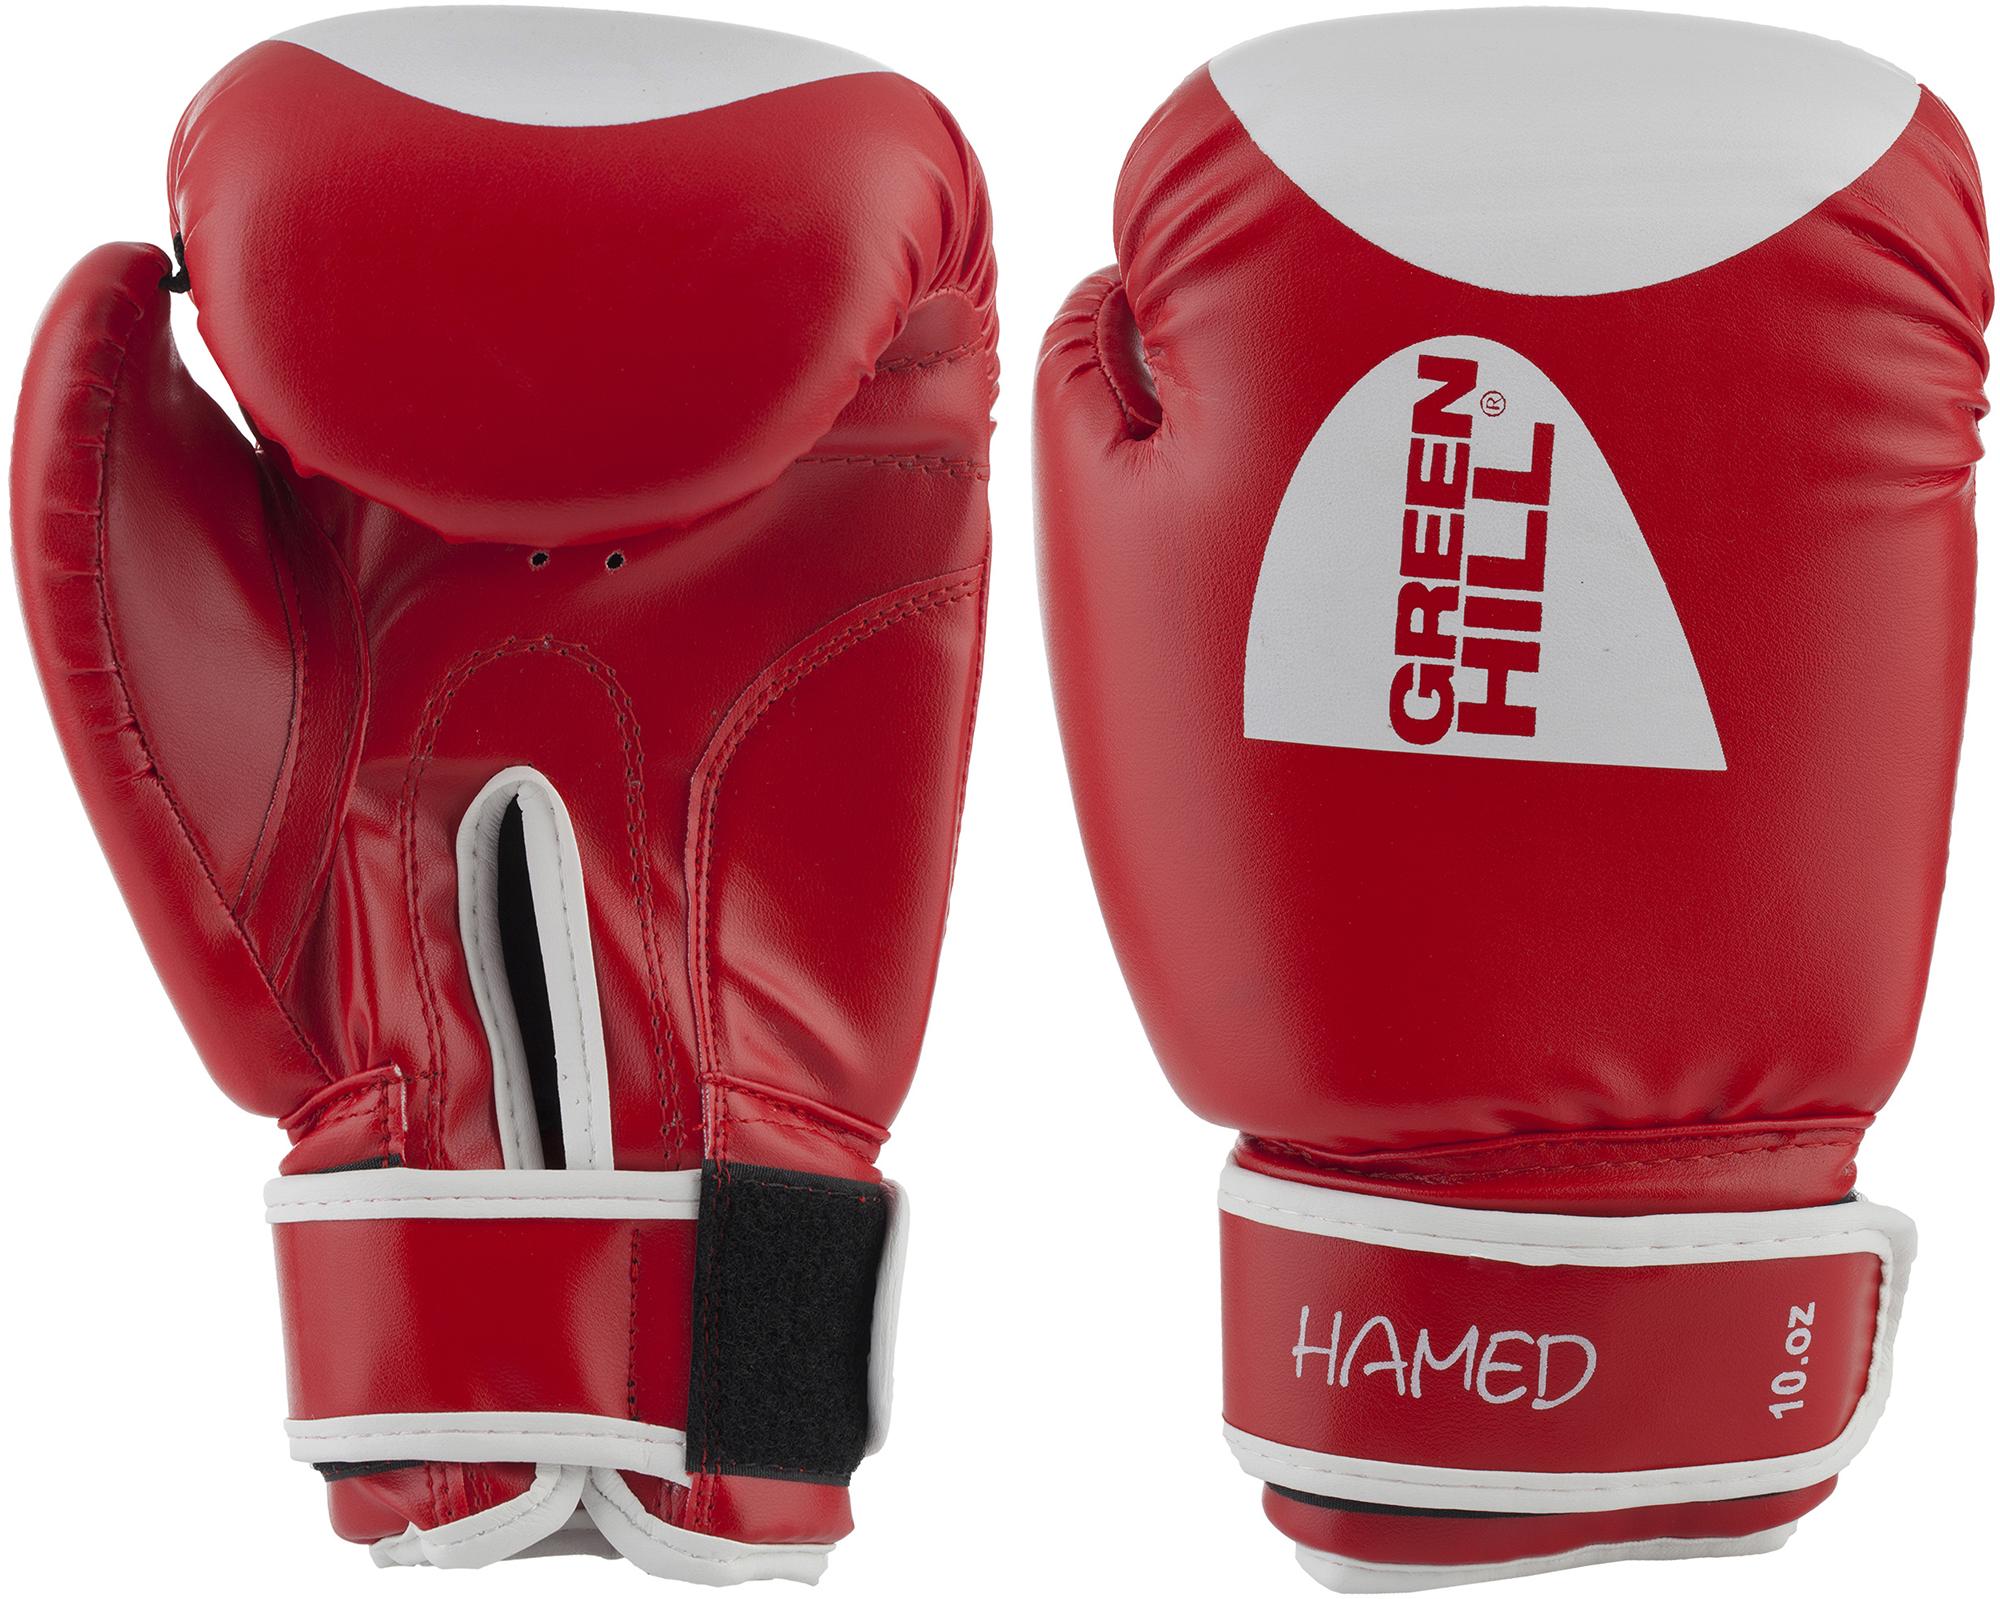 Green Hill Перчатки боксерские Green Hill Hamed, размер 14 цена 2017